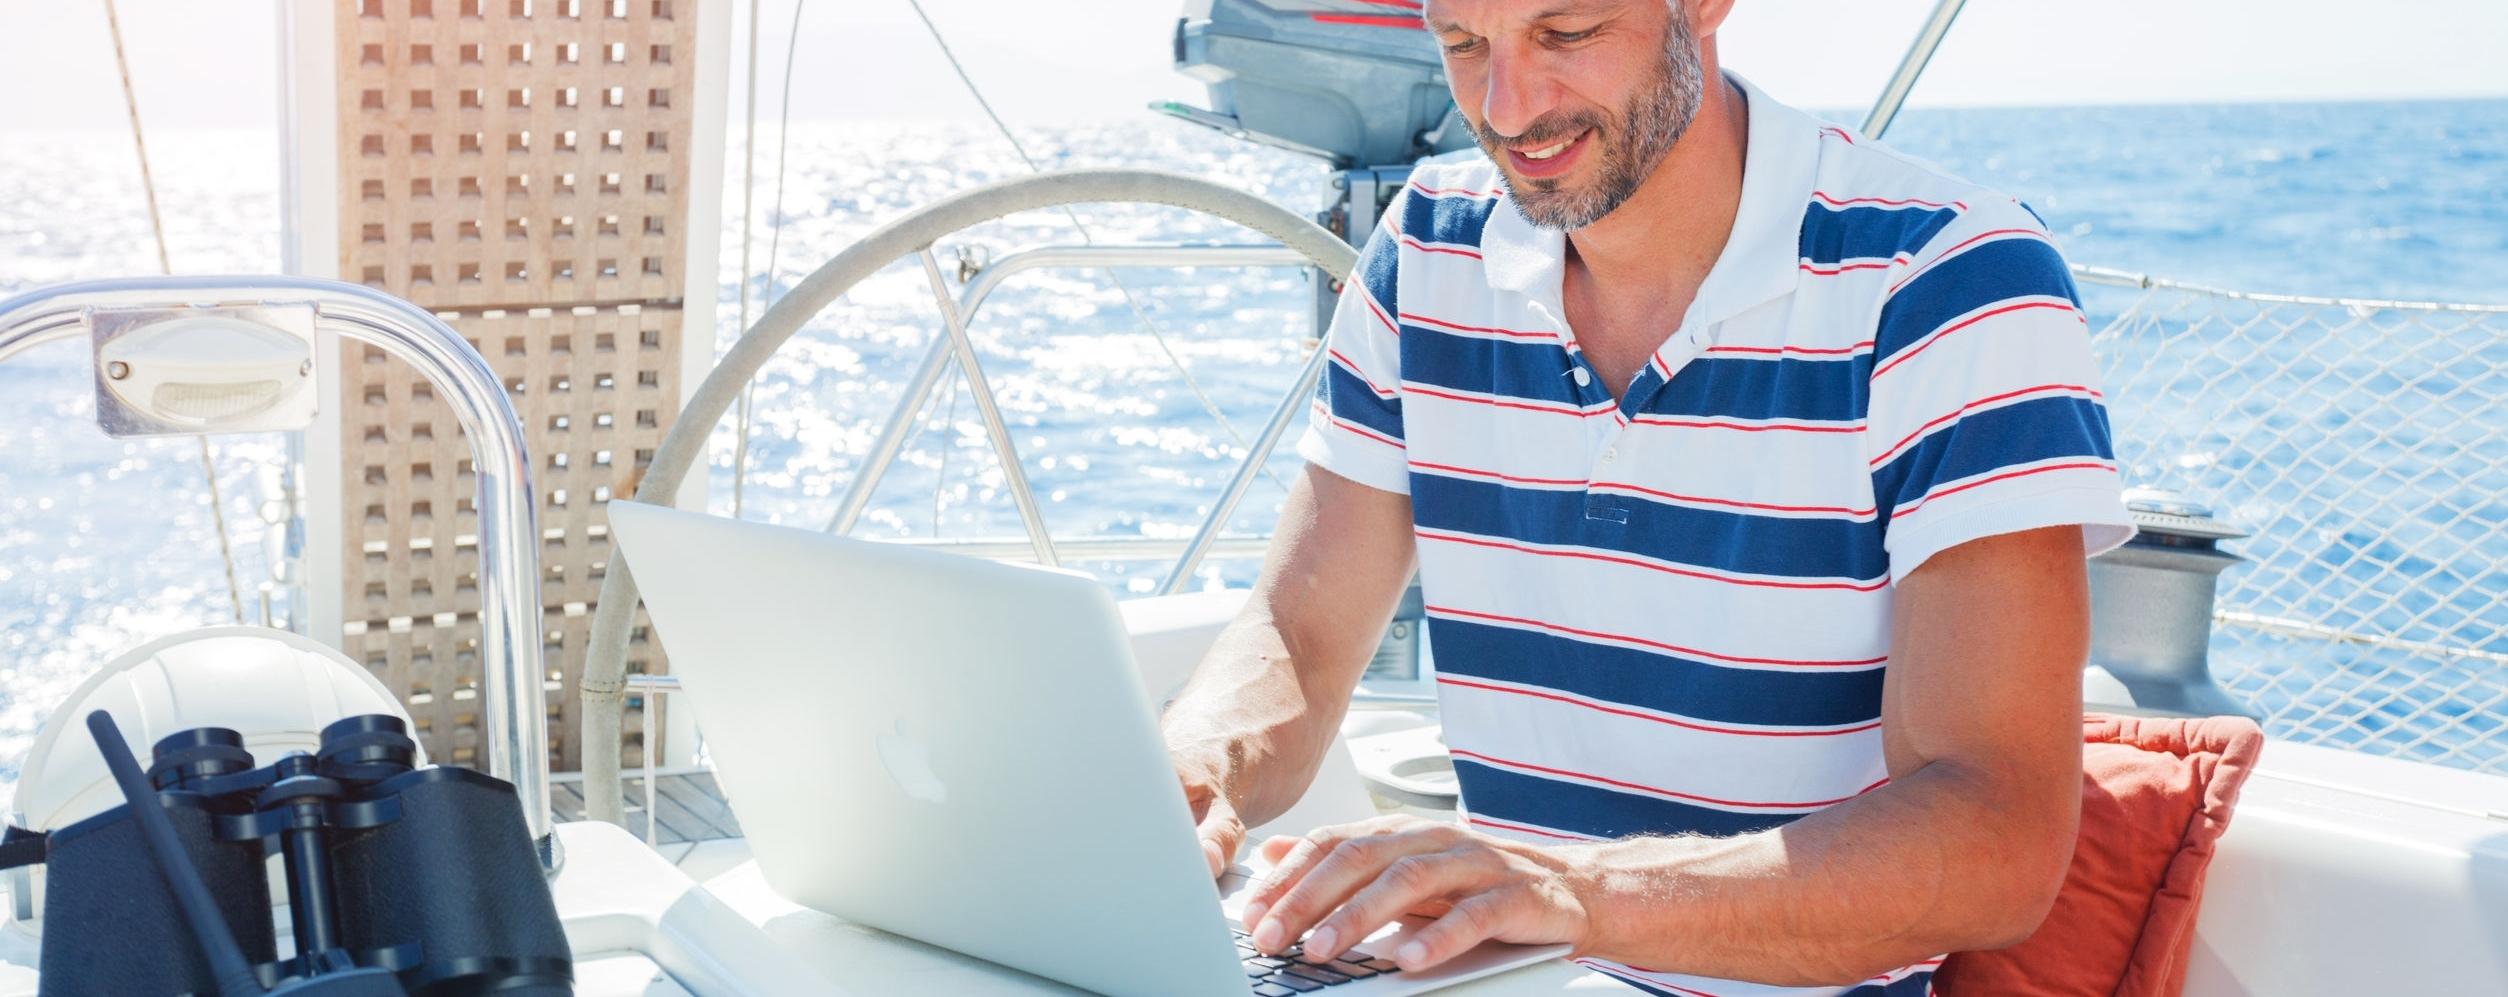 Online kann man die Theorie für des Hochseescheinkurses unabhängig vom Ort lernen. Mit dem e-learning Modul von hochamwind ist dies möglich.